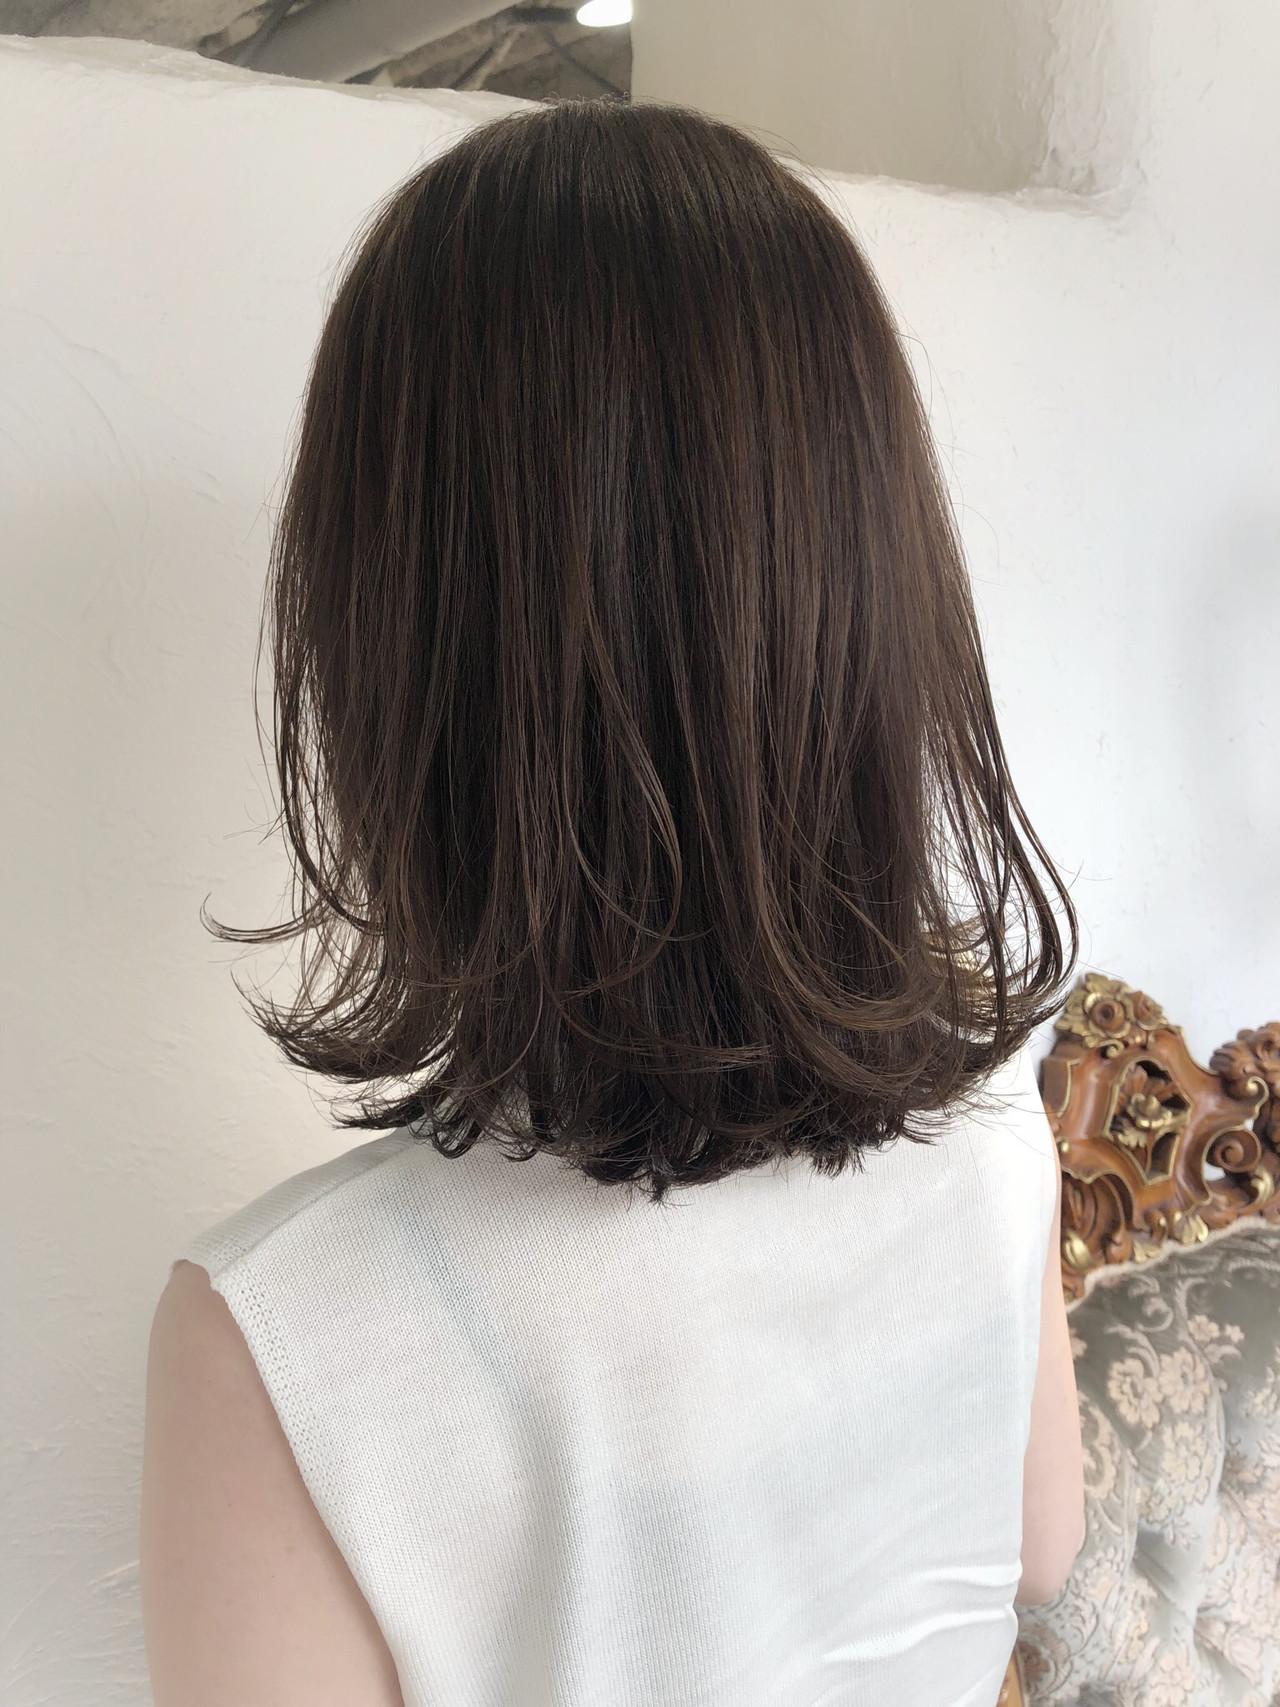 ヘアアレンジ 似合わせカット ナチュラル 透明感カラー ヘアスタイルや髪型の写真・画像